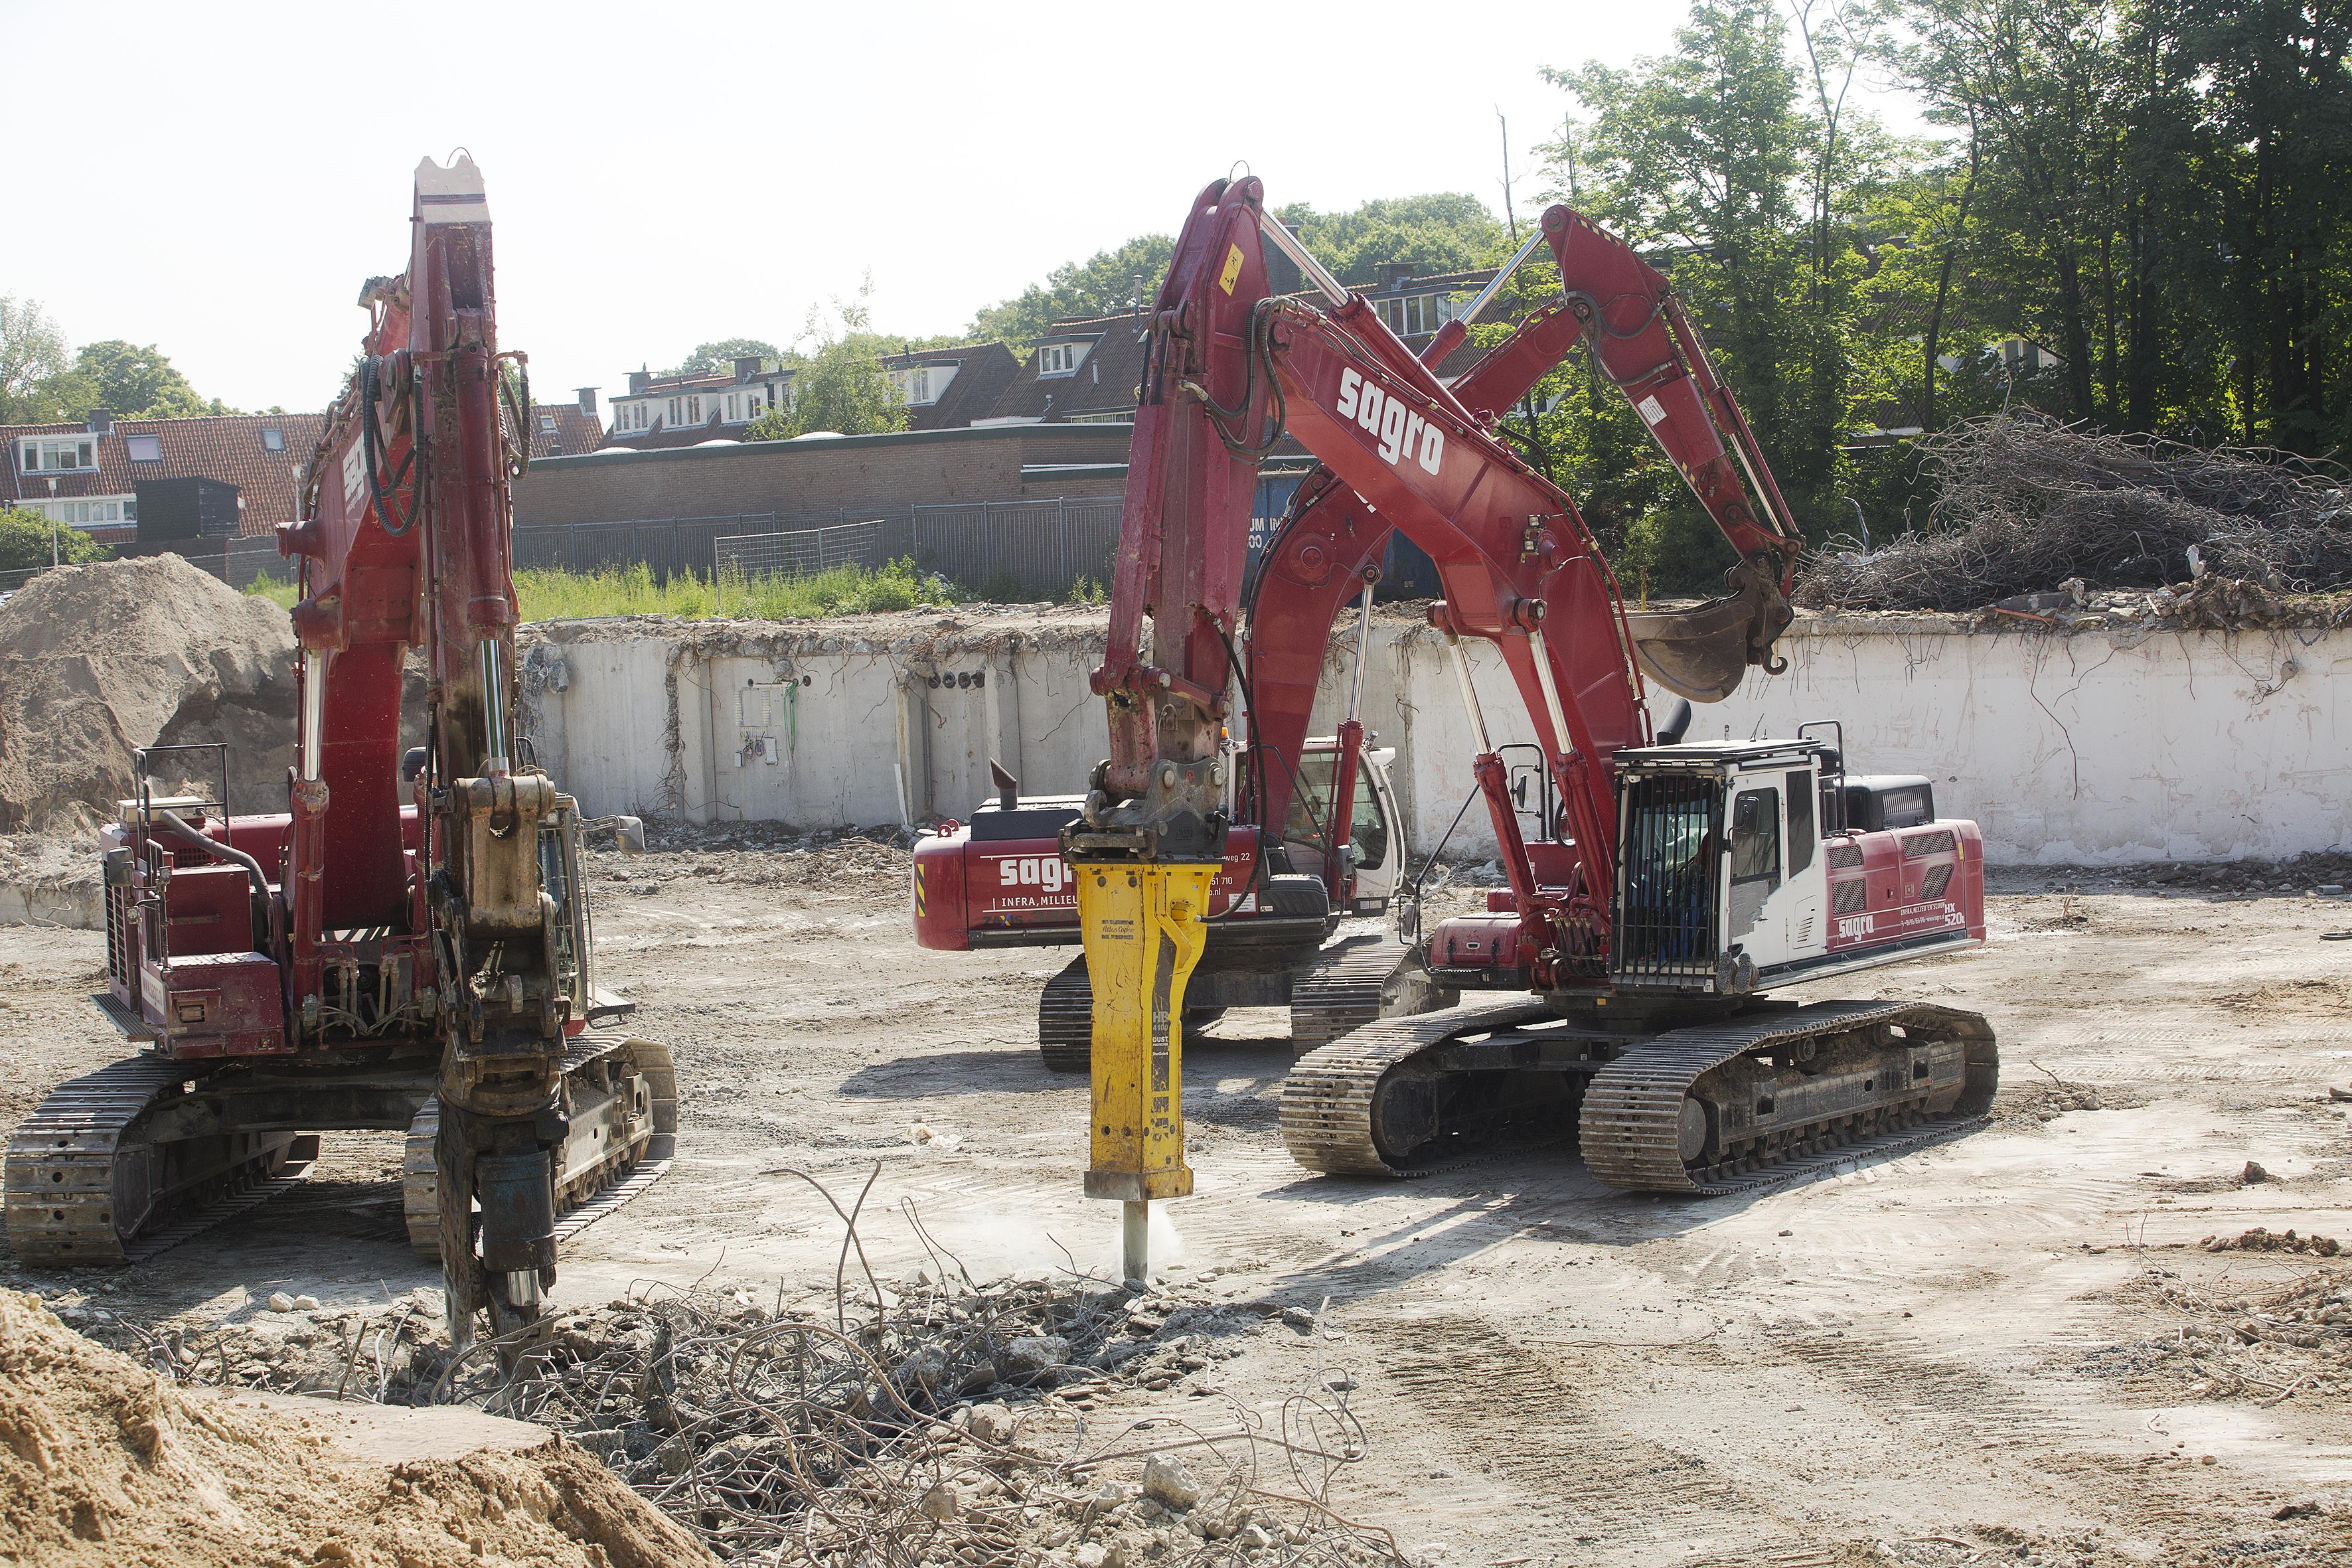 <p>De trillingen diede zware machines bij desloopwerkzaamheden veroorzaken, worden met het oog op de omliggende bebouwing nauwgezet gemonitord.</p>